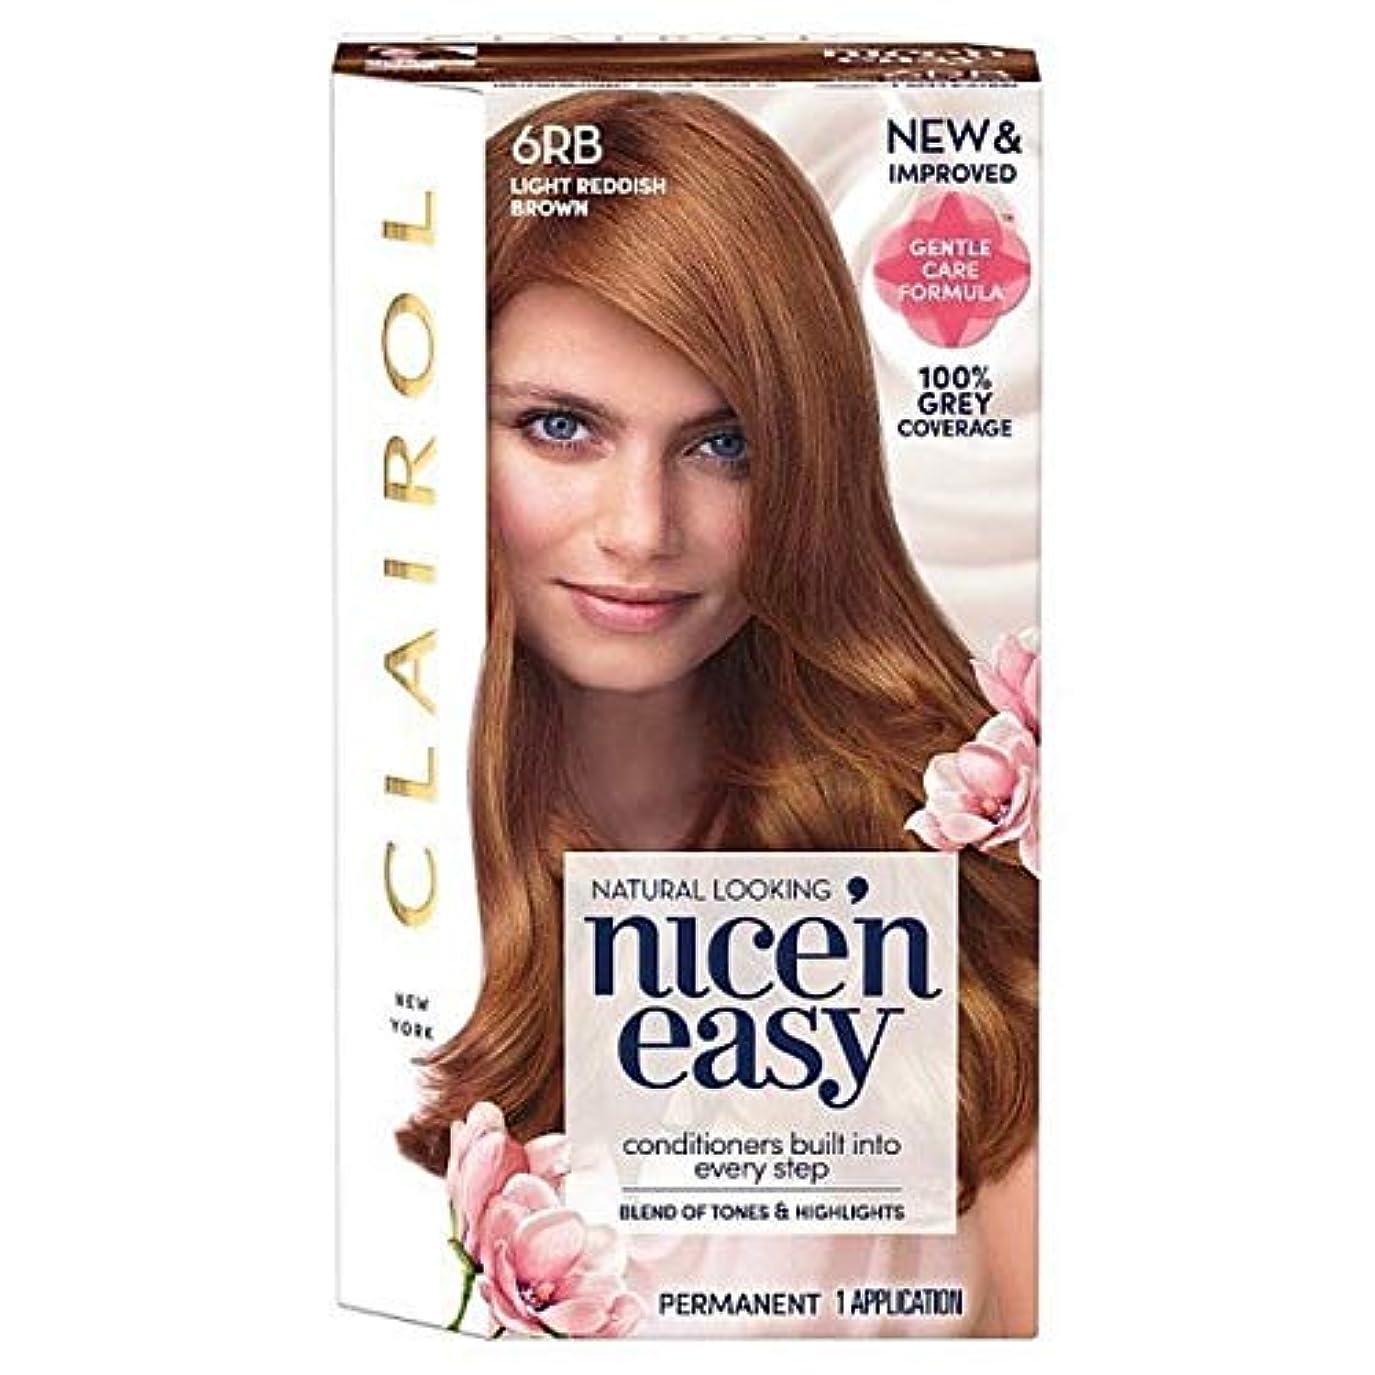 申込みティッシュバリケード[Nice'n Easy] 簡単6Rb光赤褐色Nice'N - Nice'n Easy 6Rb Light Reddish Brown [並行輸入品]